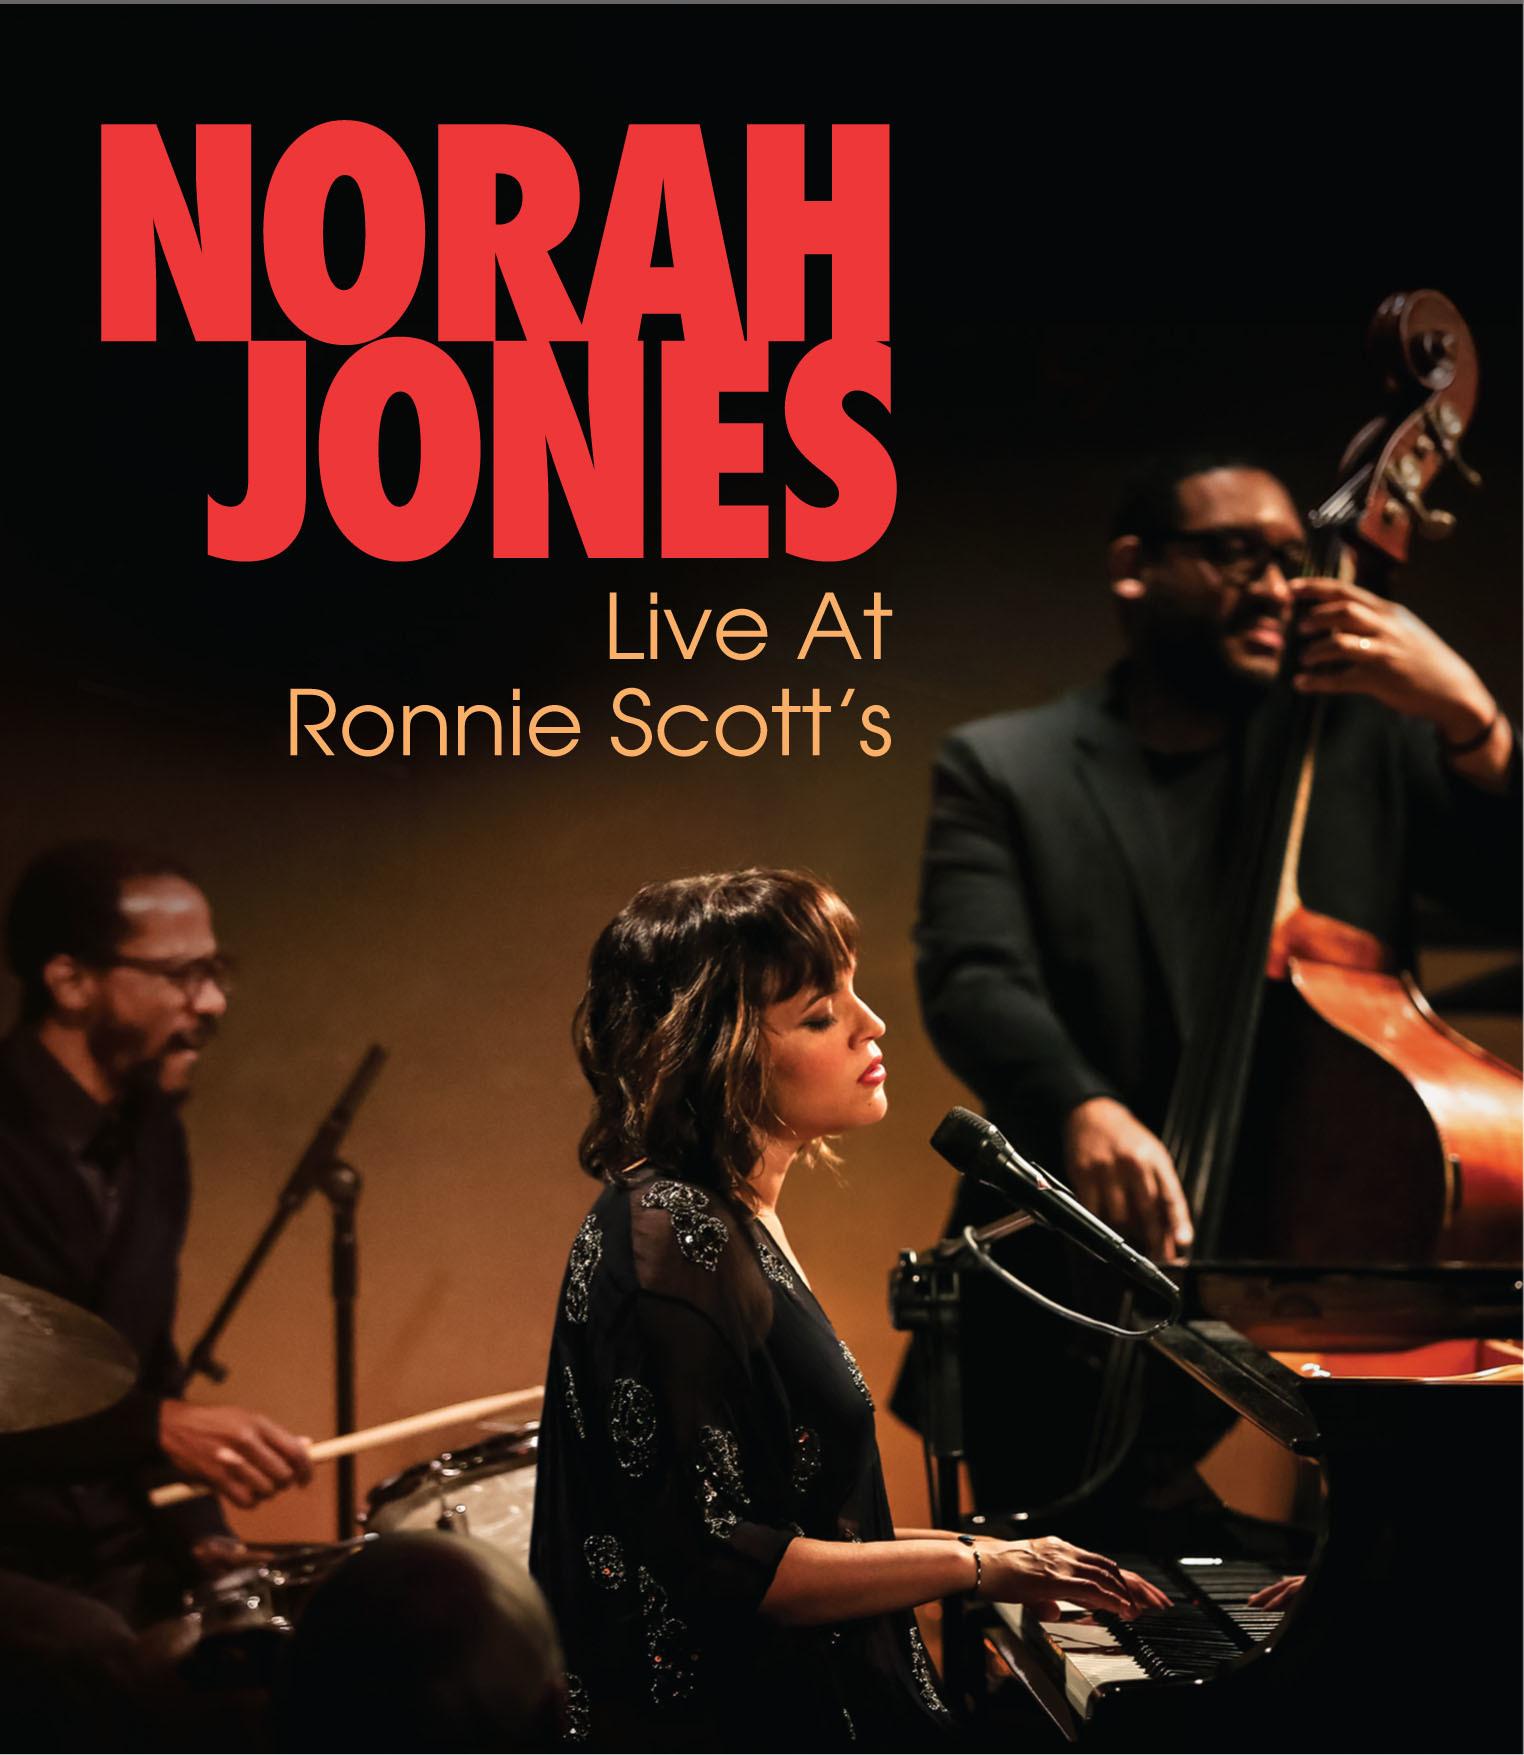 ノラ・ジョーンズ『ライヴ・アット・ロニー・スコッツ』Blu-ray